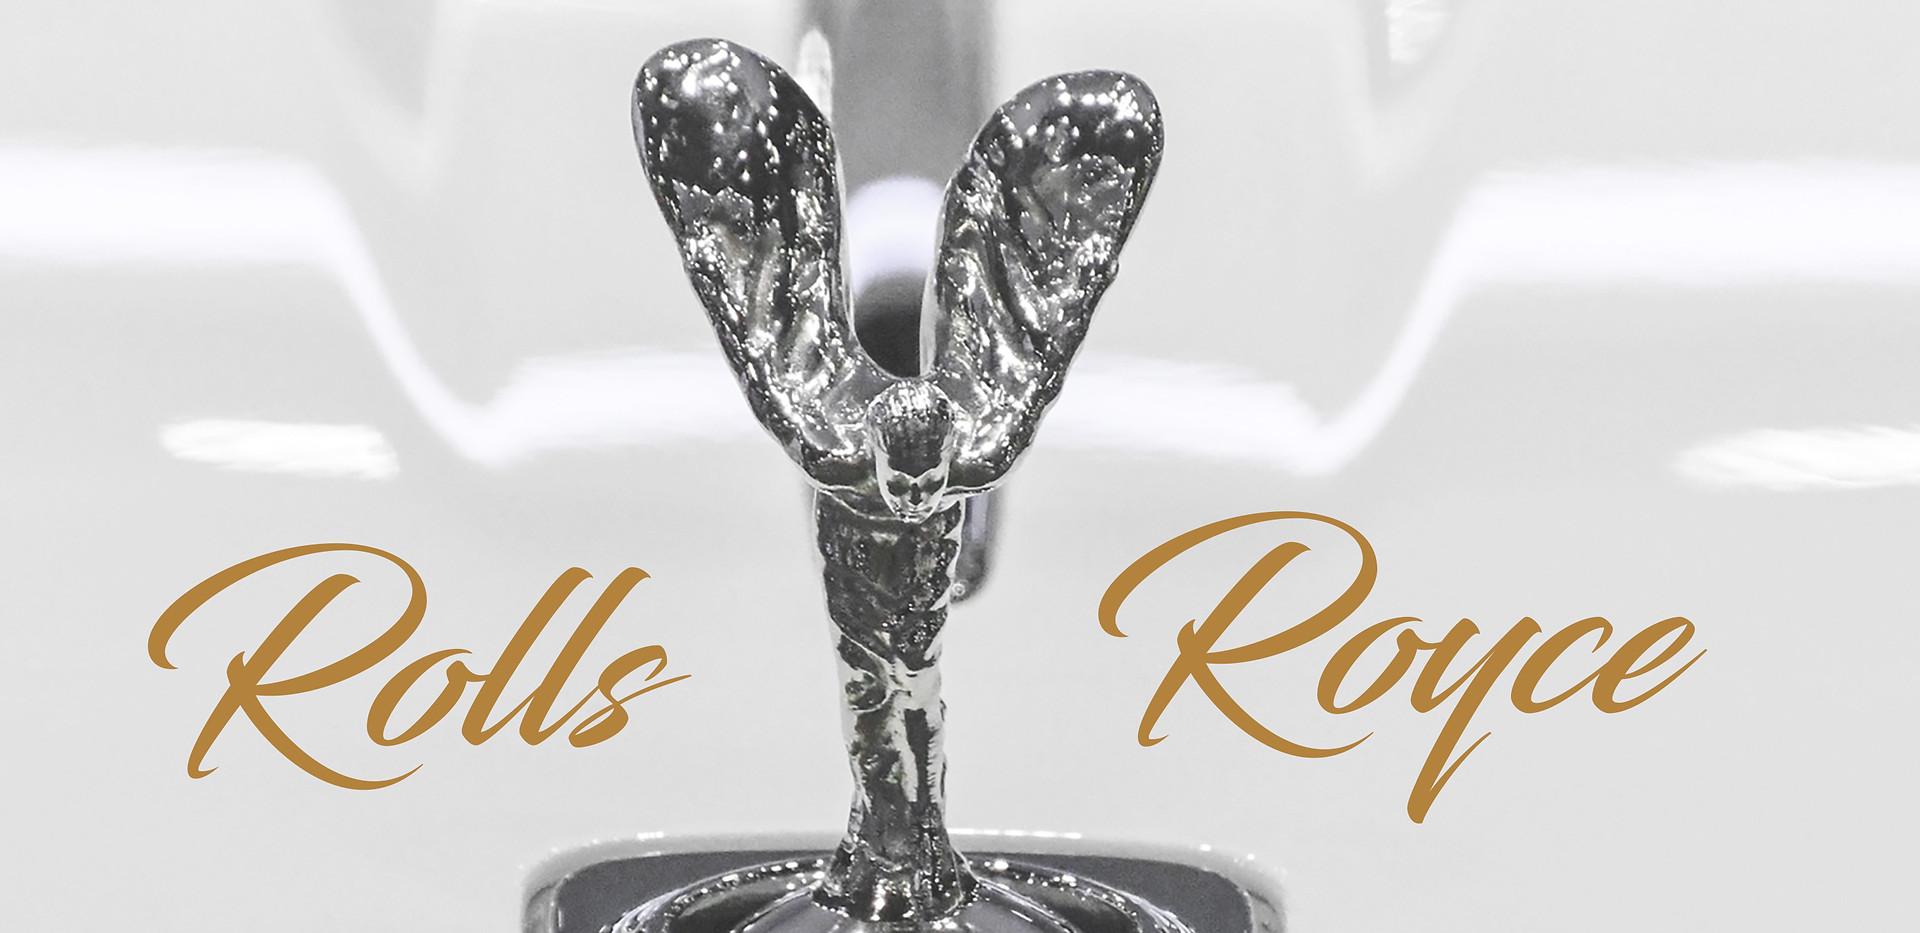 Dlux- Rolls Royce